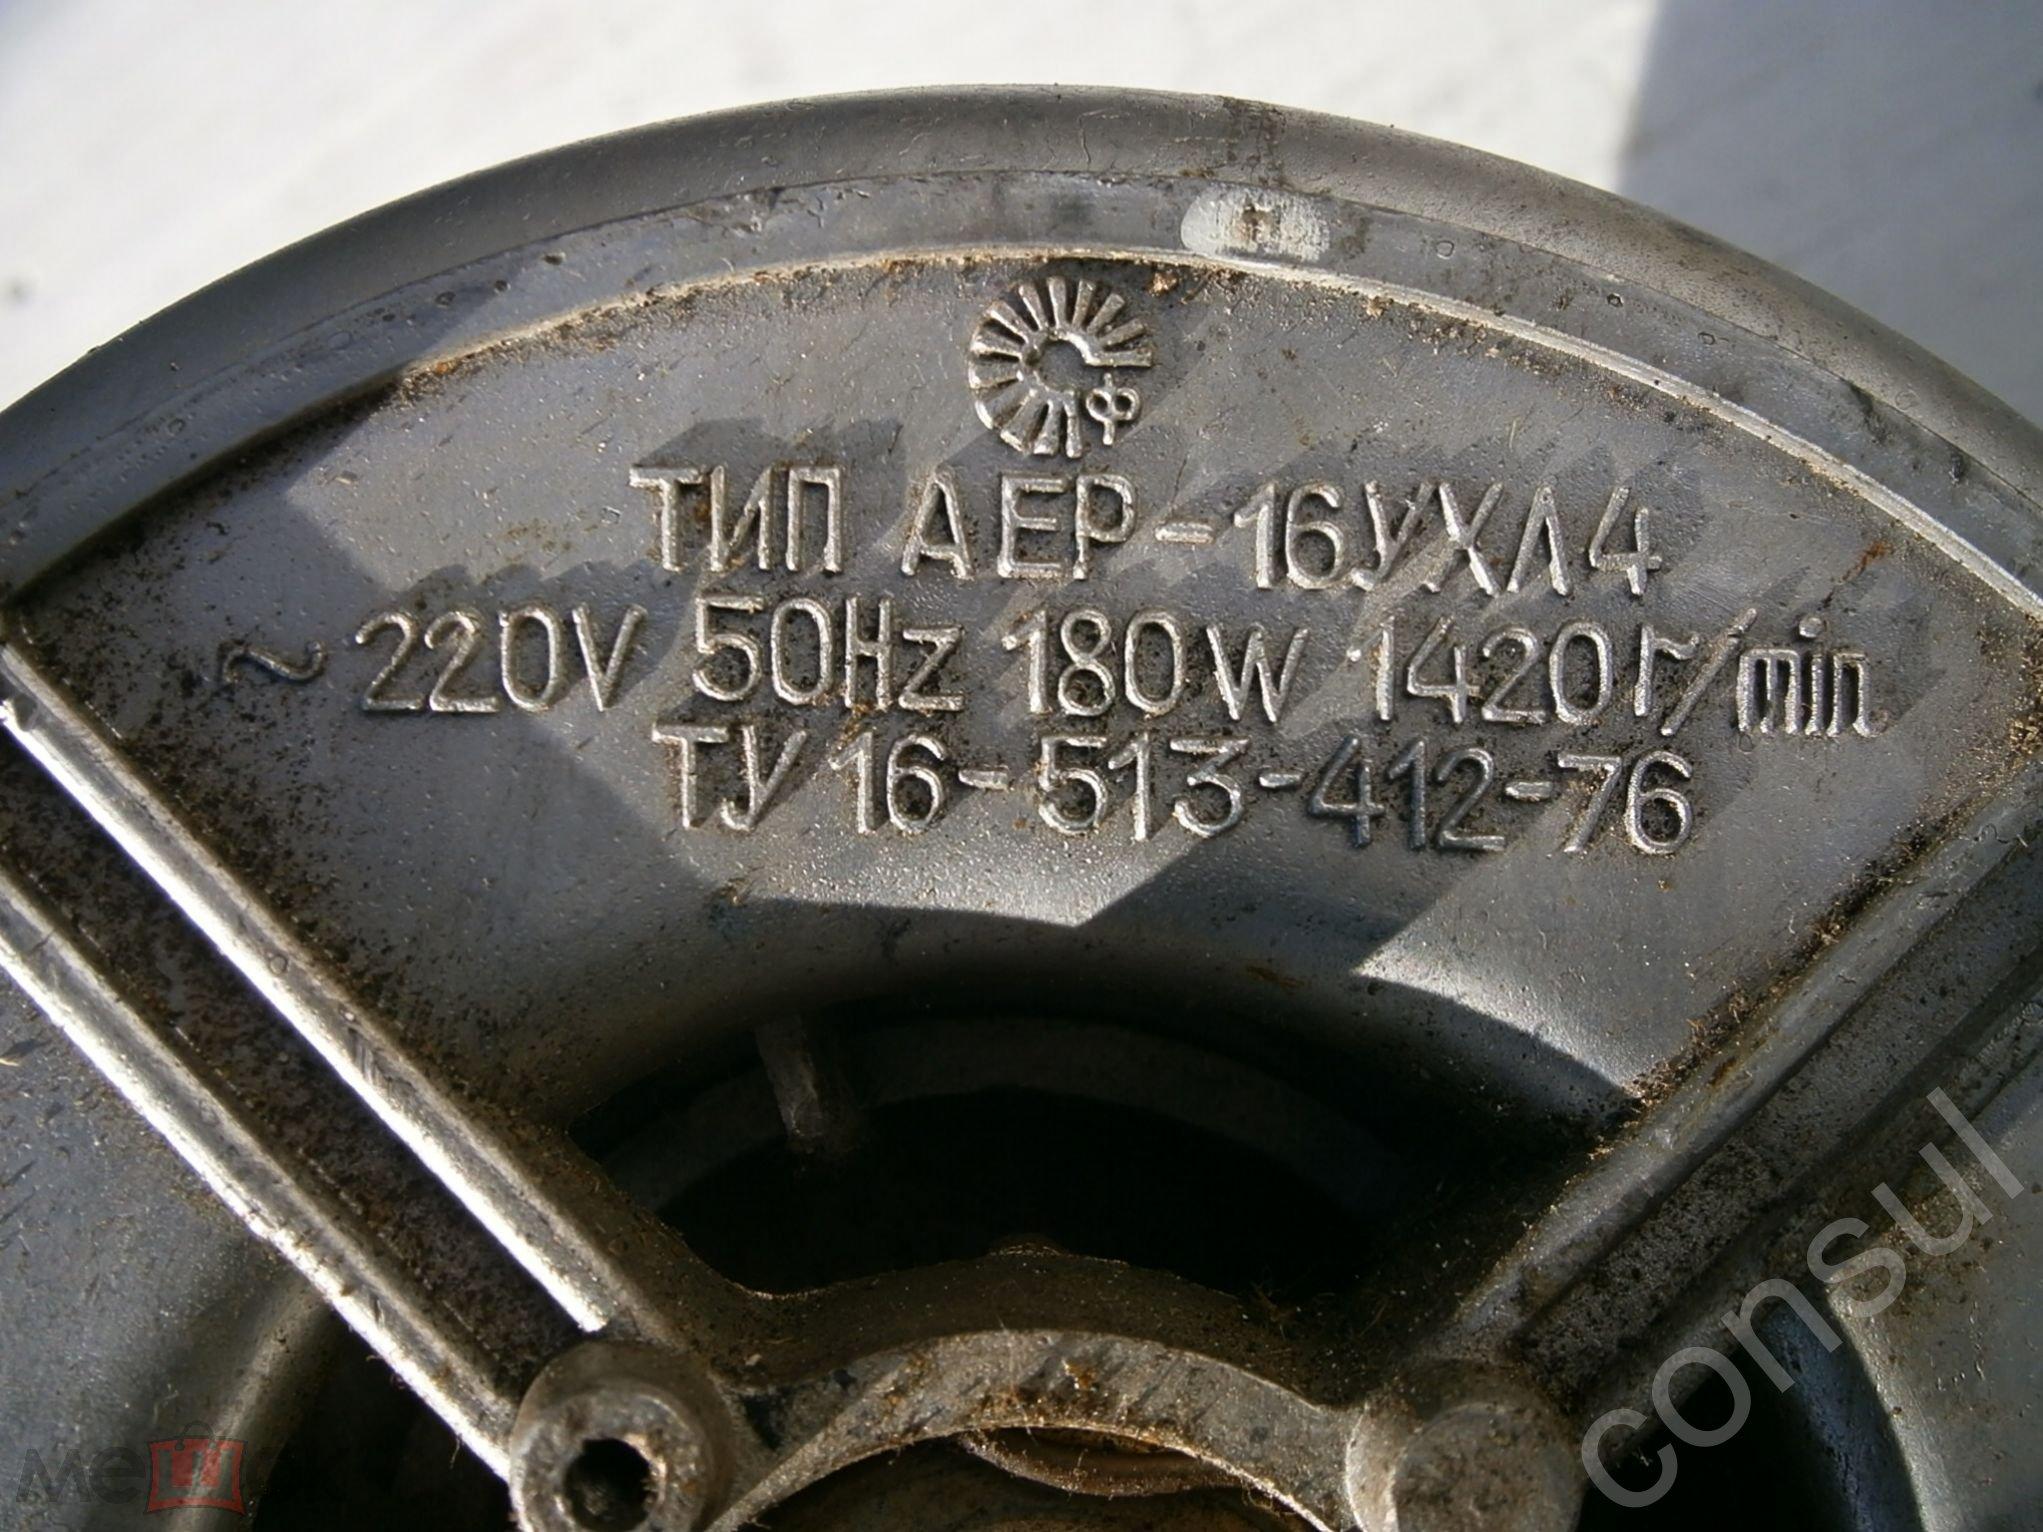 электродвигатель аер 16ухл4